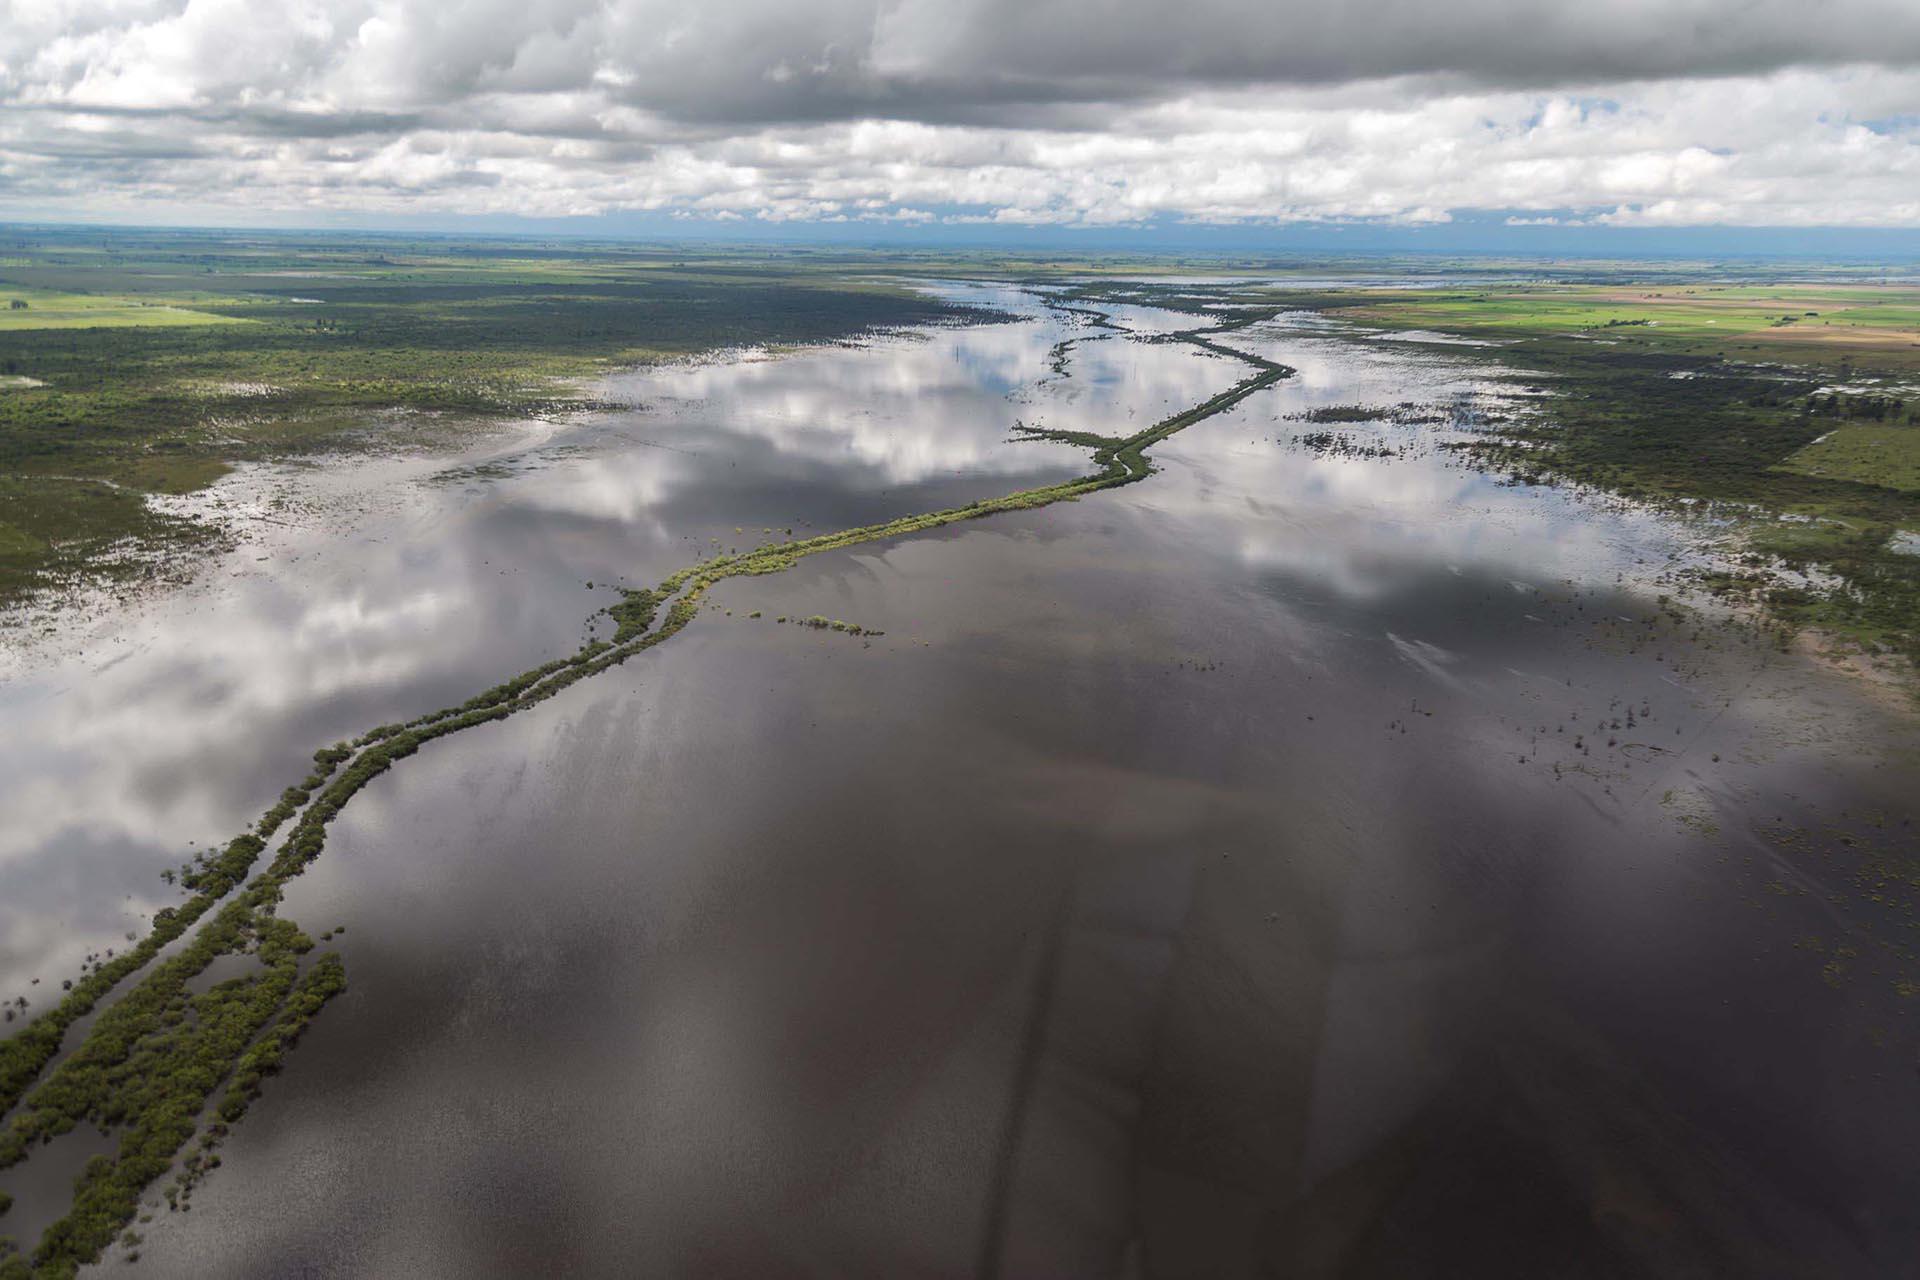 La ciudad de Arroyo Seco fue la más afectada, donde incluso se llegó a inundar el centro de evacuados